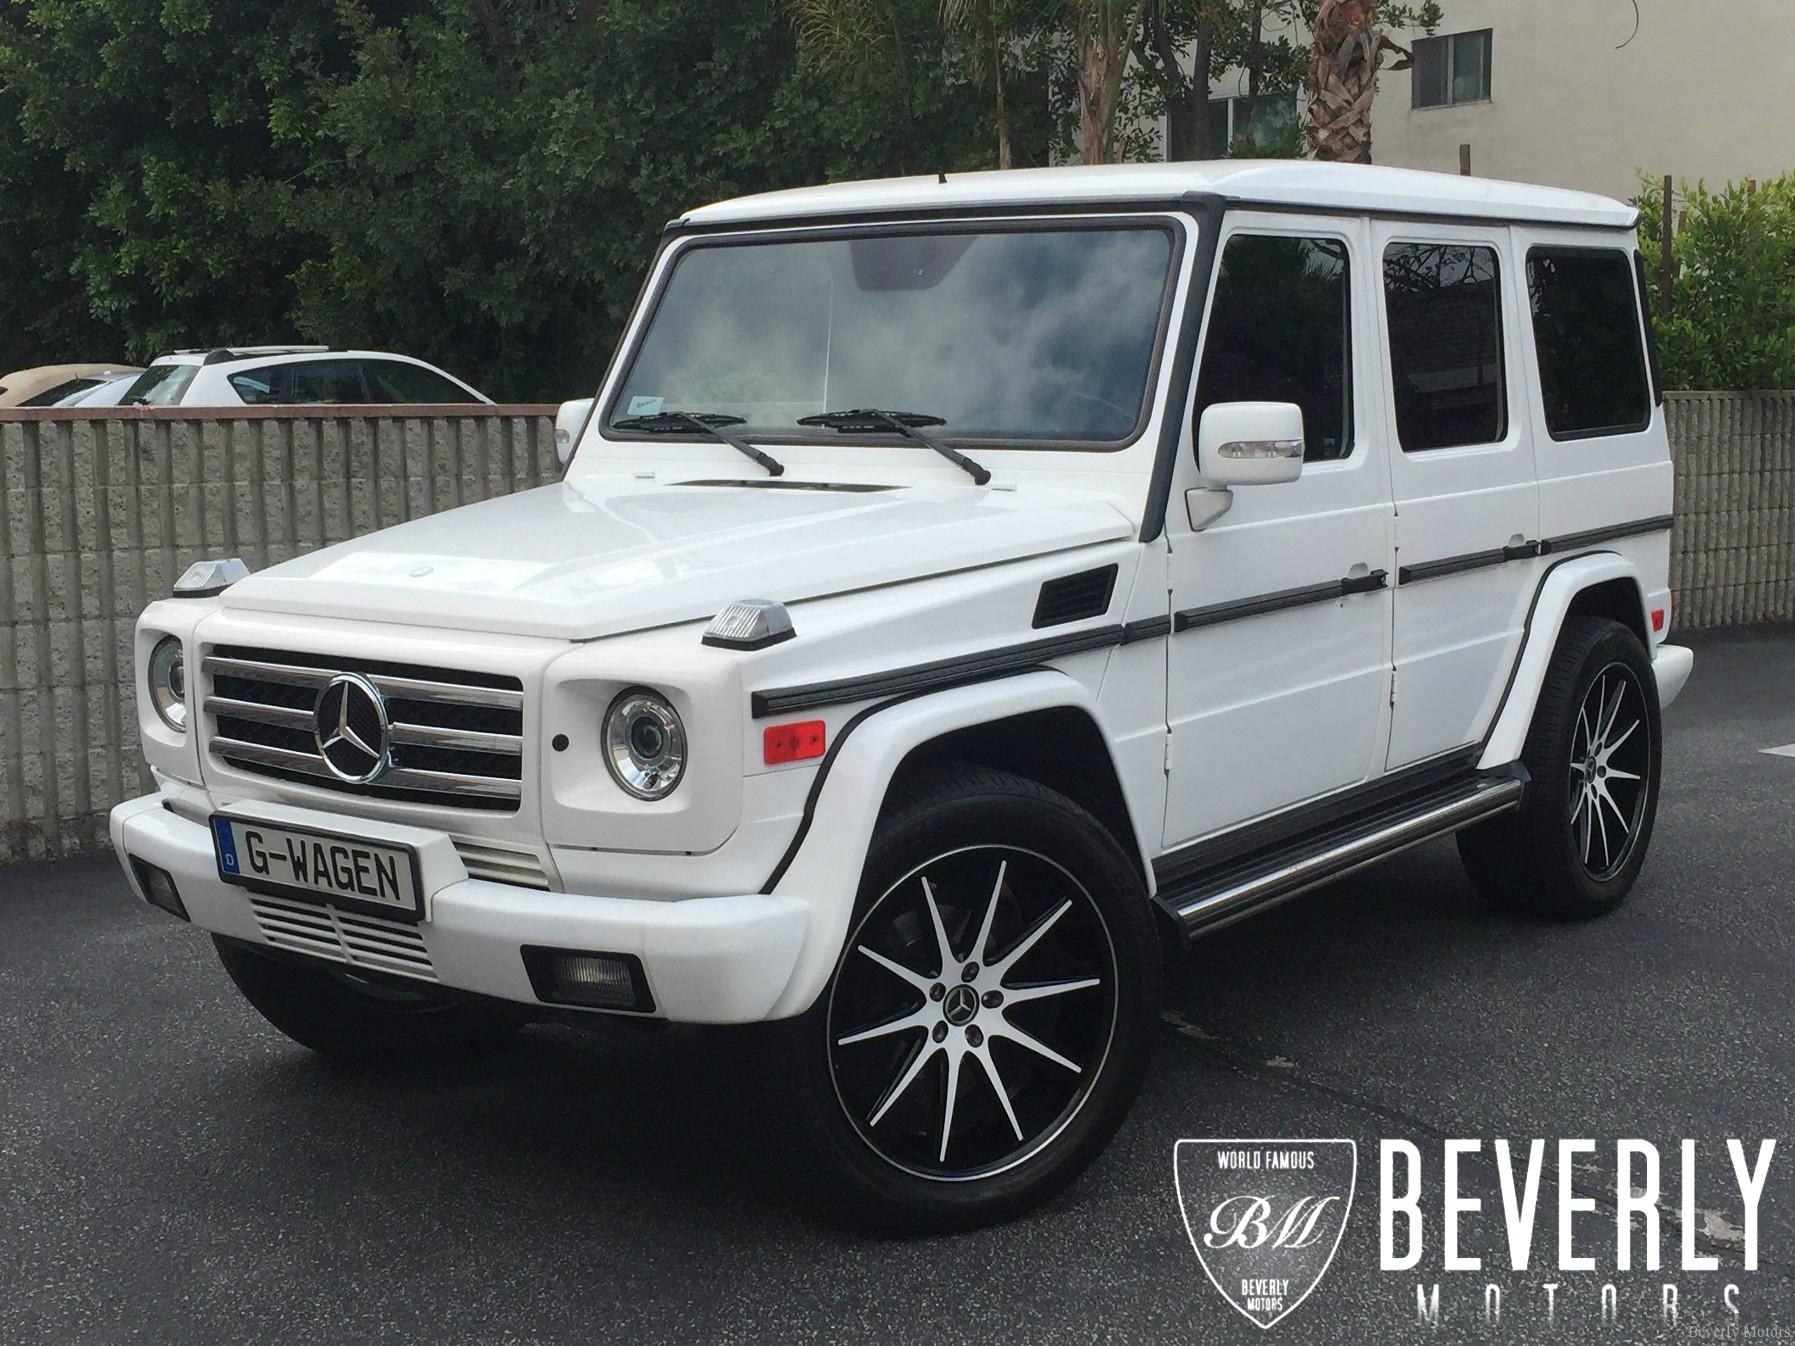 2005 mercedes benz g500 white on black g55 g550 amg brabus gwagon gwagen gelik wald black bison hamann g class for sale 2